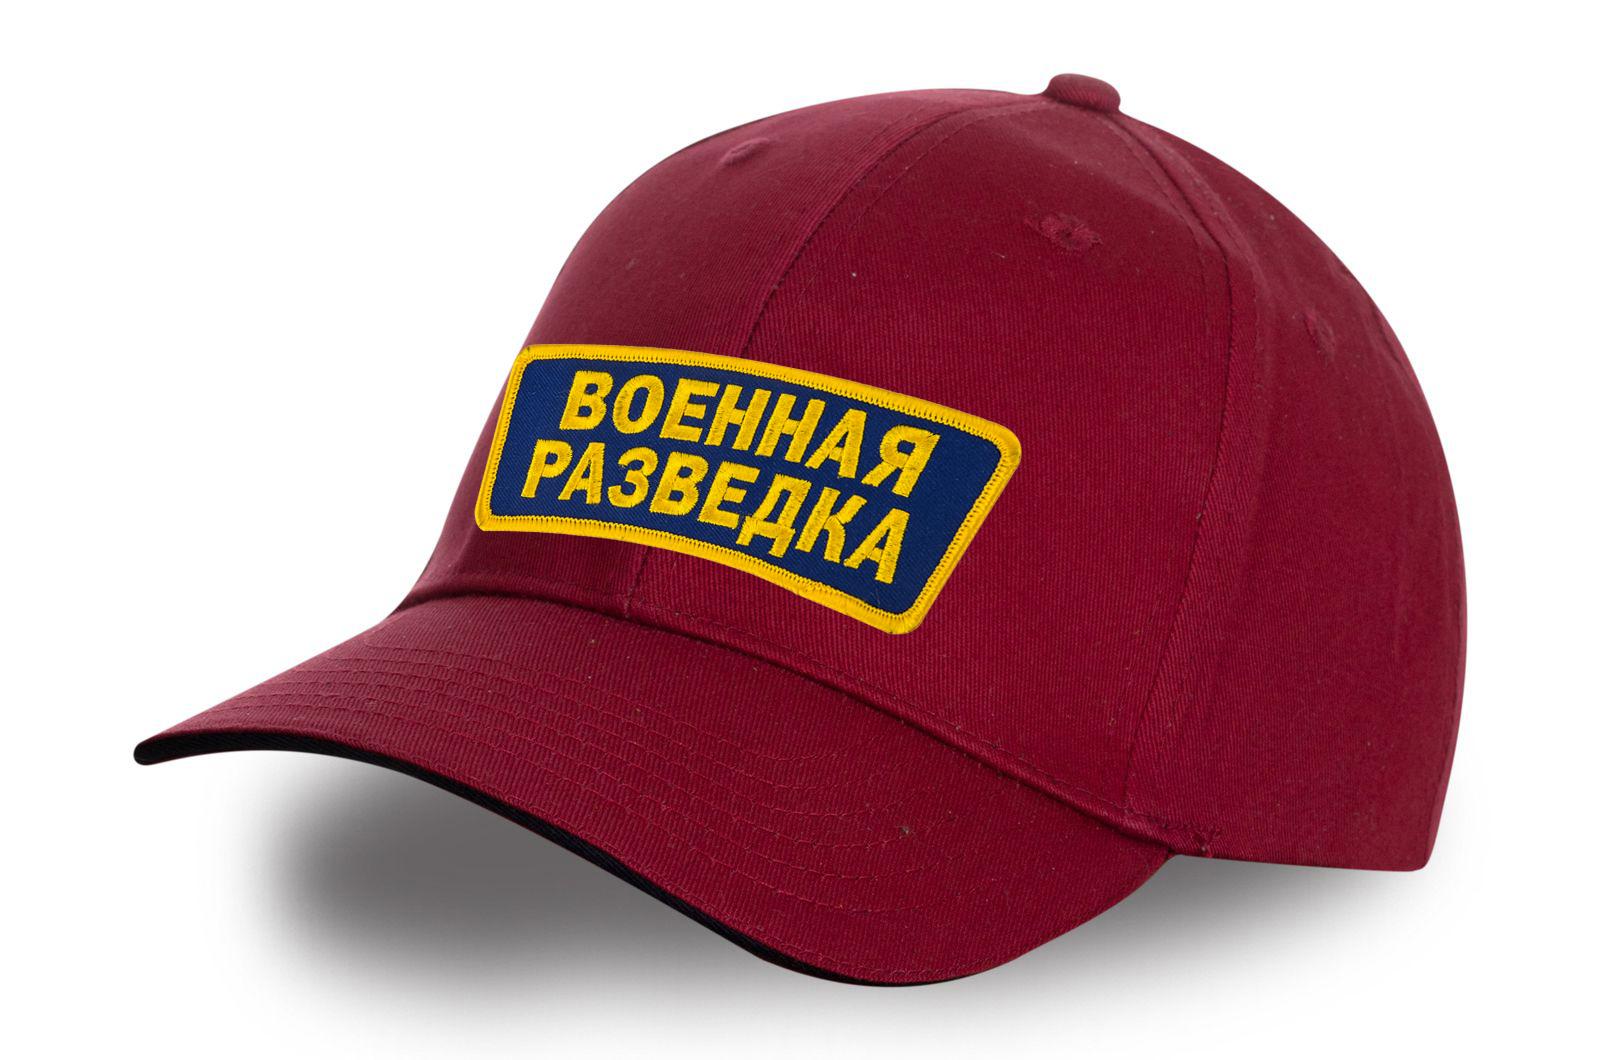 Рубиновая кепка Военная разведка.